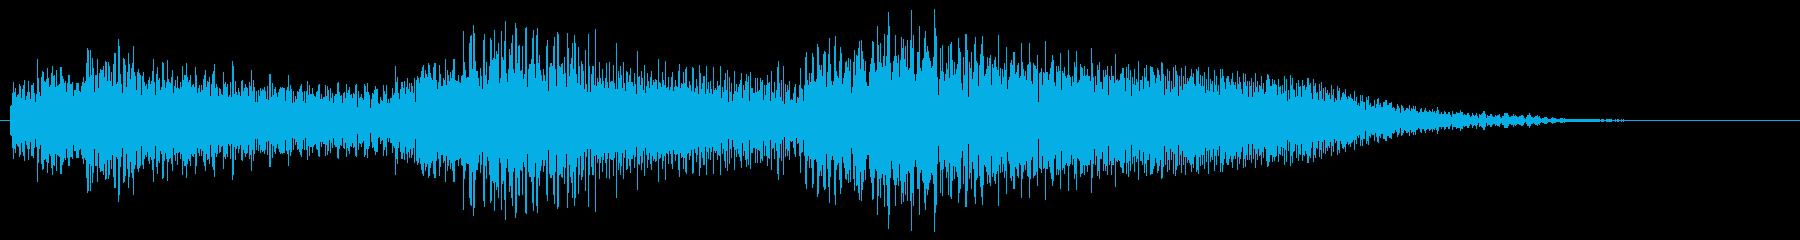 クラシックギター コード 場面転換の再生済みの波形